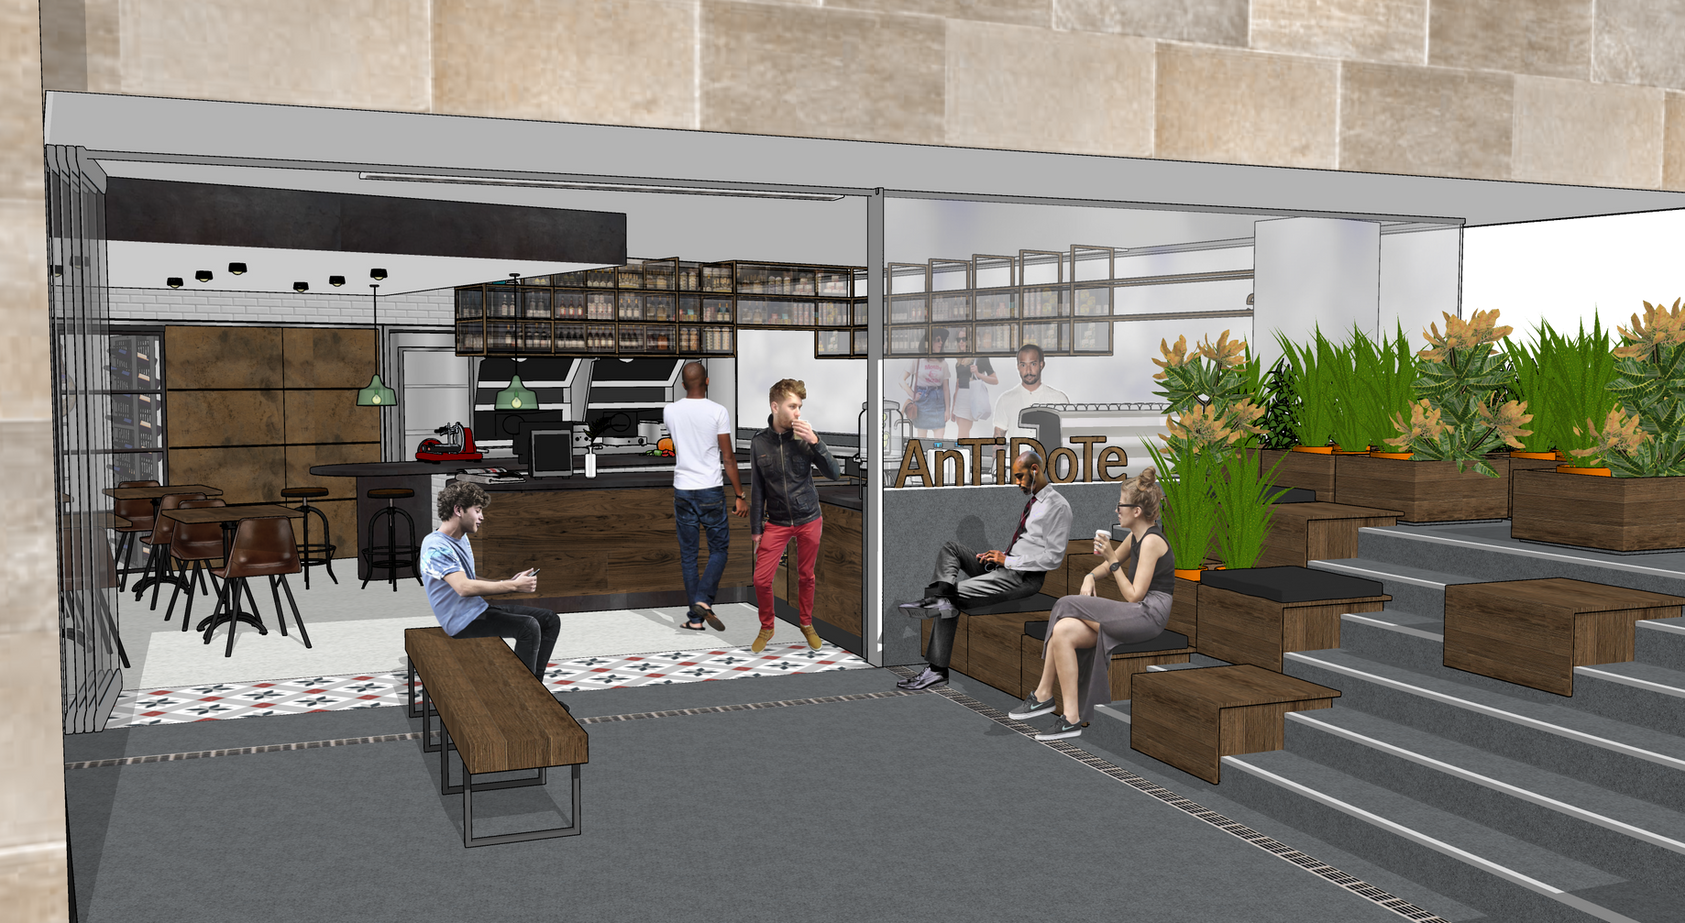 Antidote Café, Pyrmont NSW